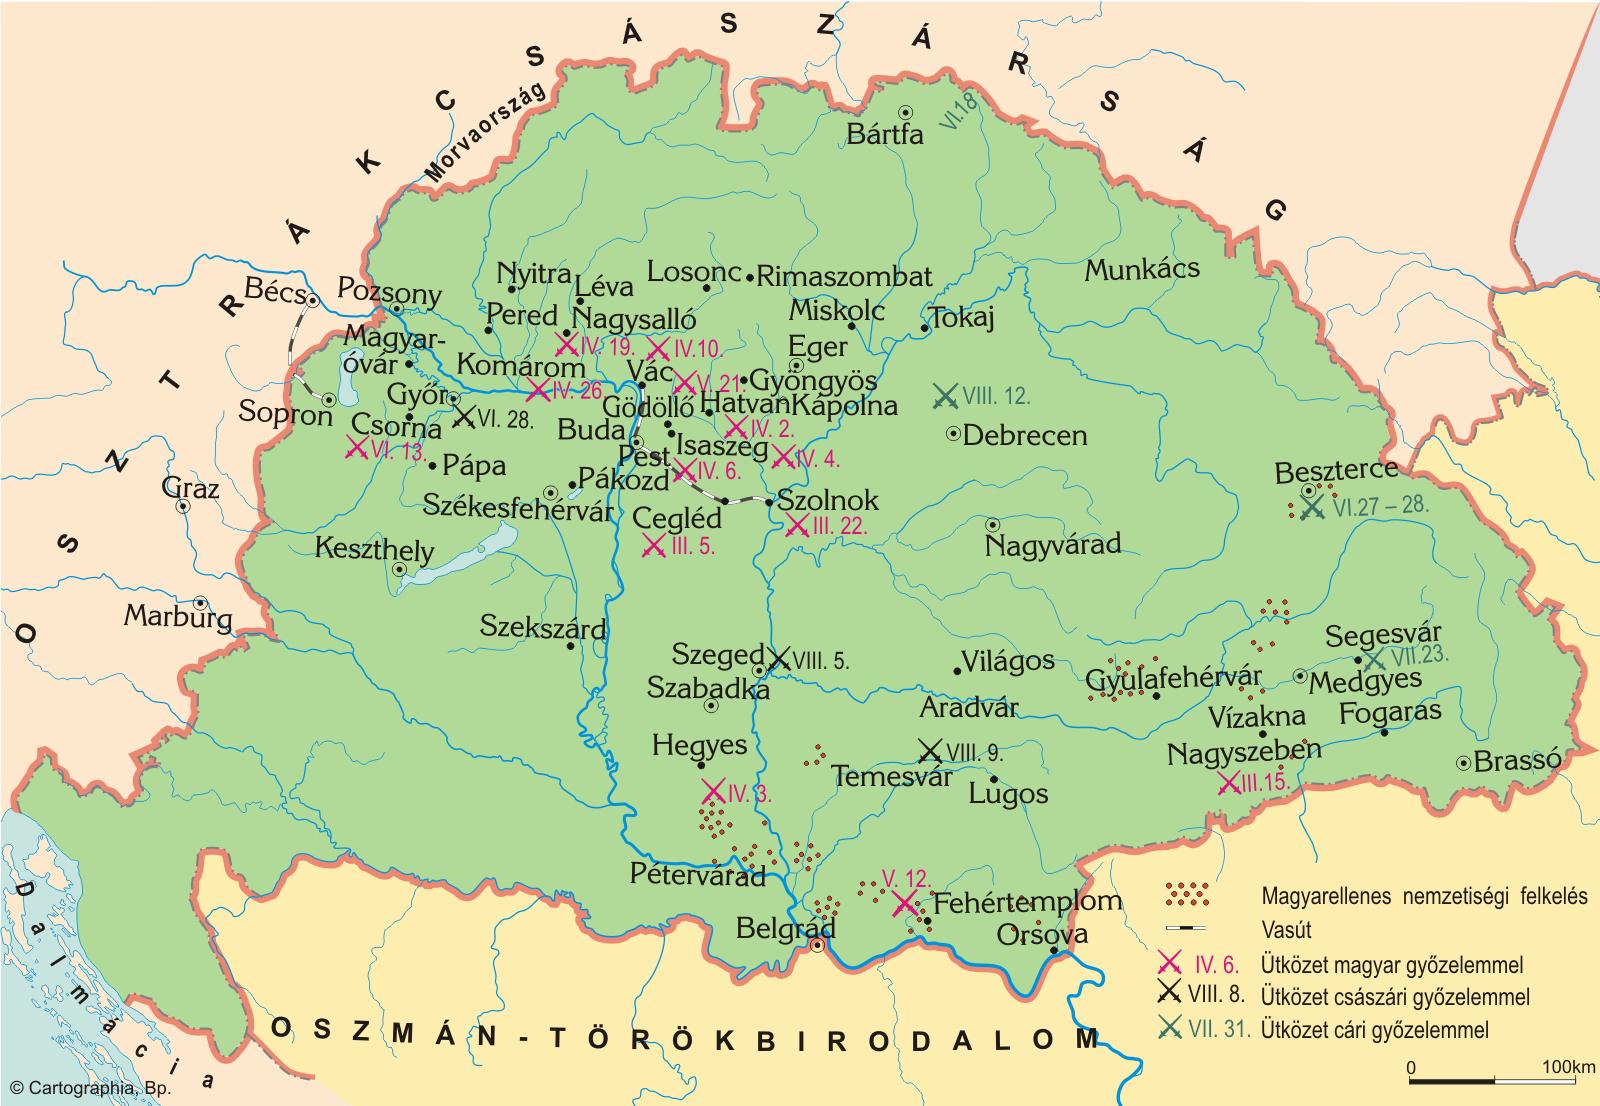 magyarország 1848 térkép Magyar történelmi térképtár | SuliTudásbázis magyarország 1848 térkép